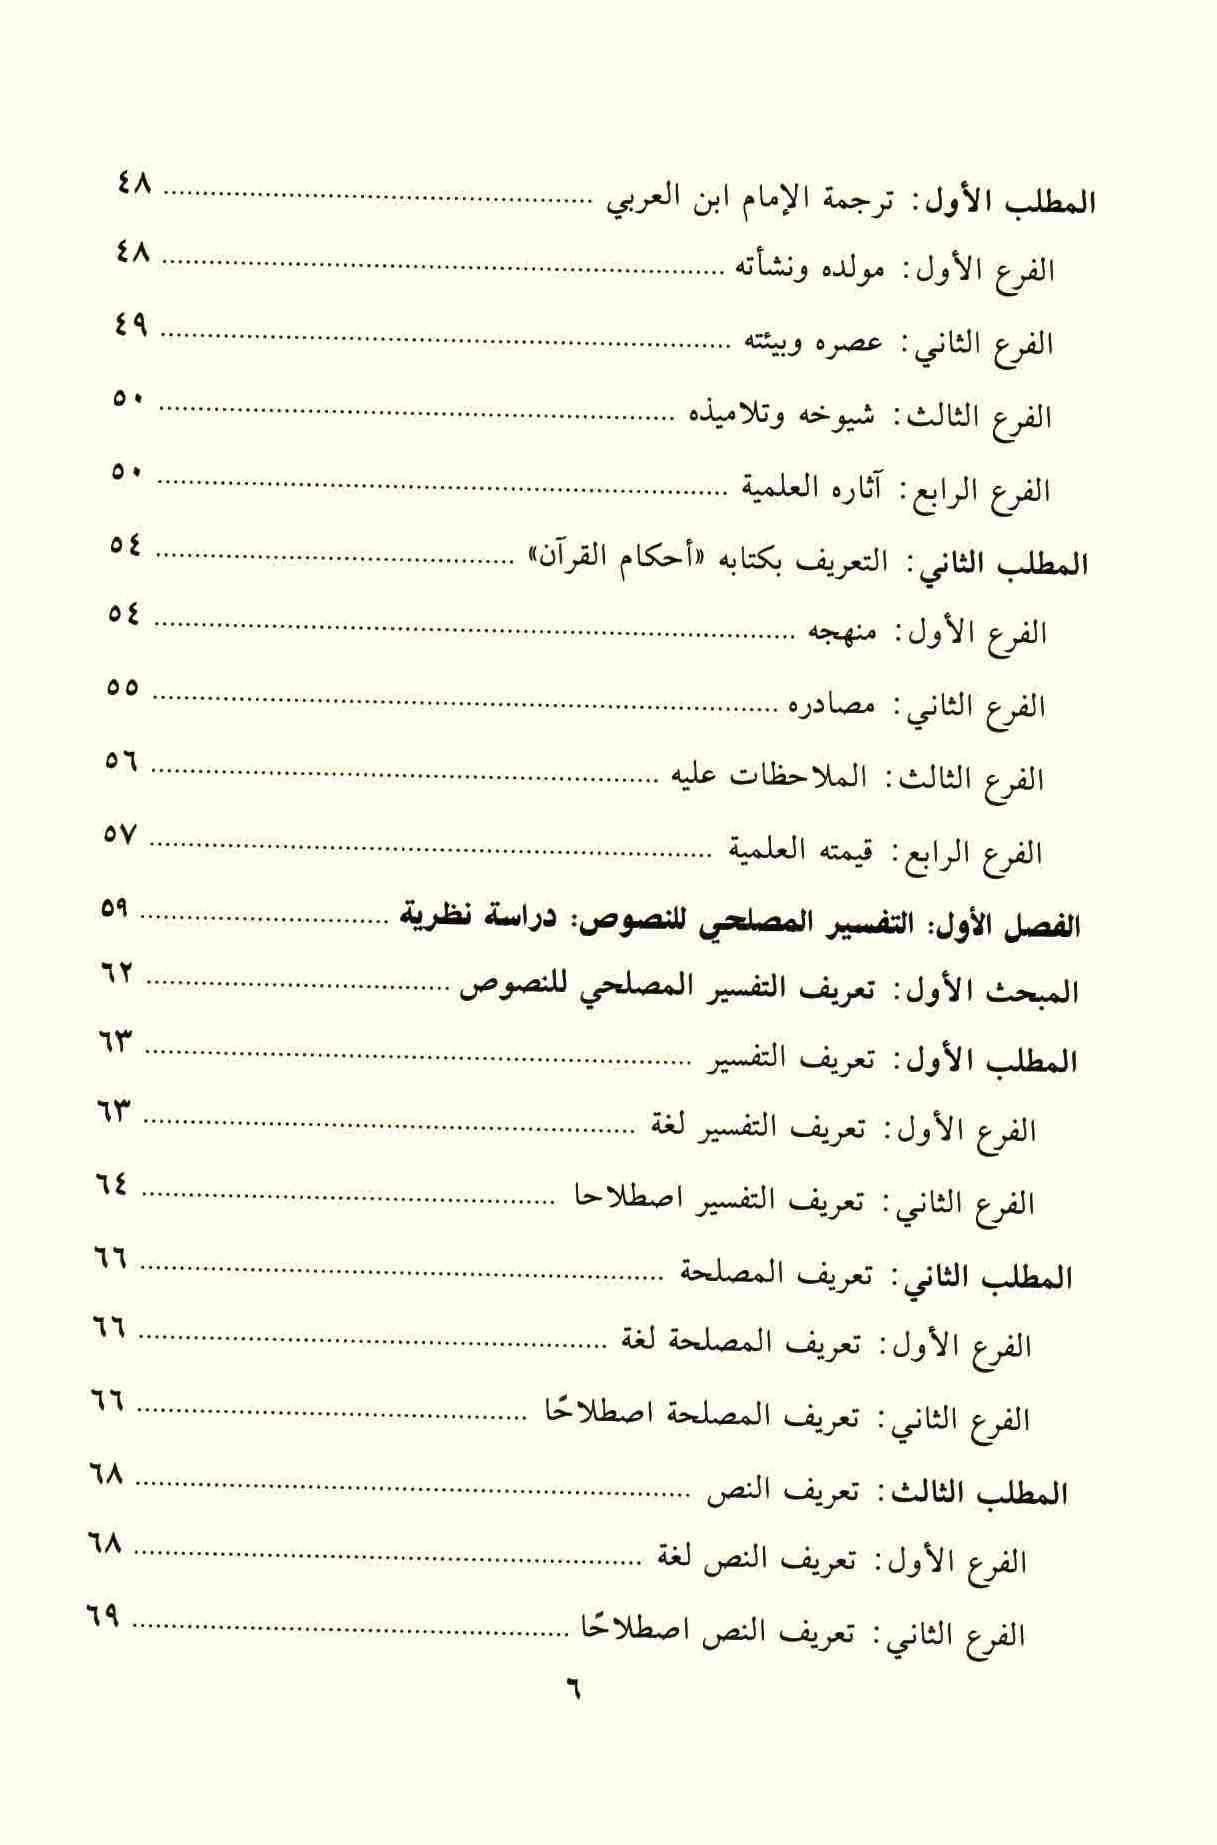 ص6محتويات كتاب التفسير المصلحي